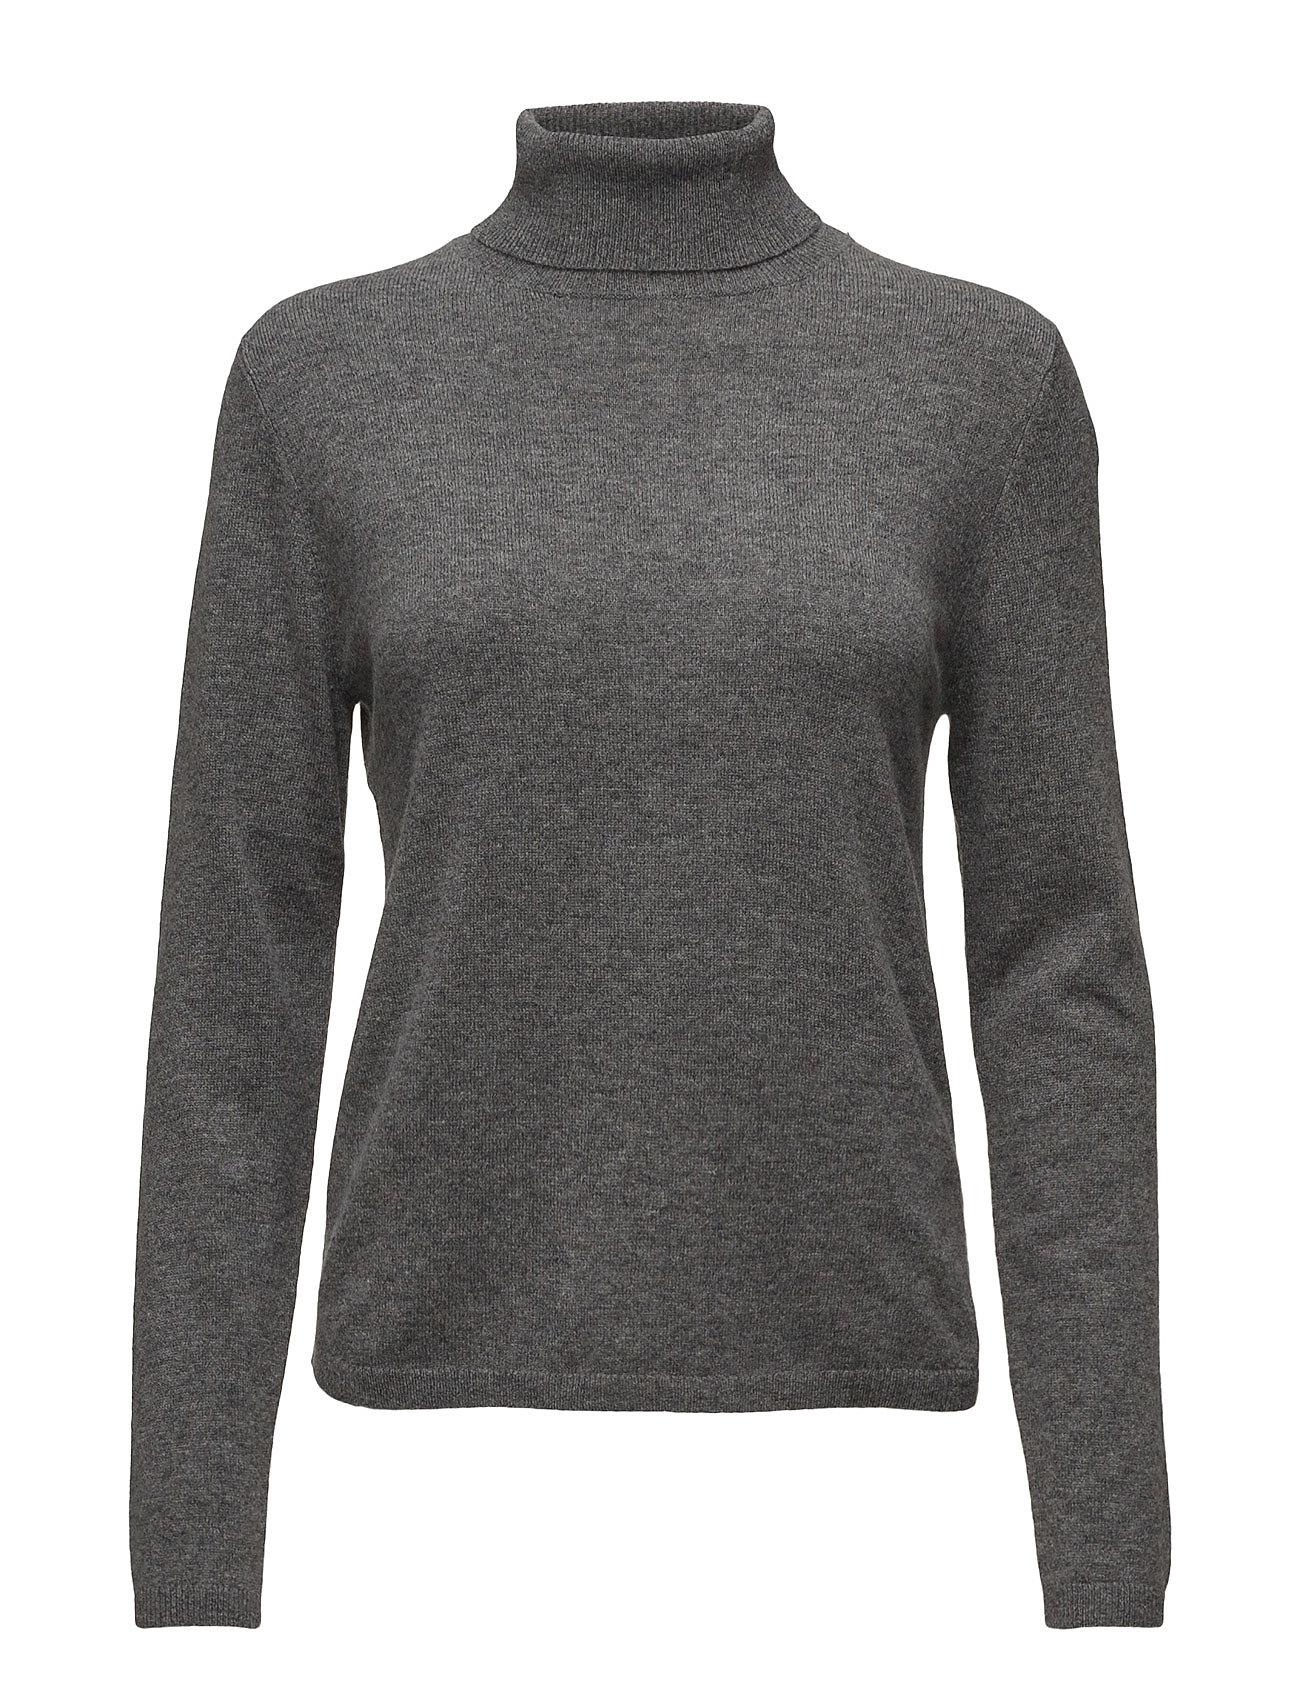 the lab – Cashmere knit - neri rolled neck på boozt.com dk